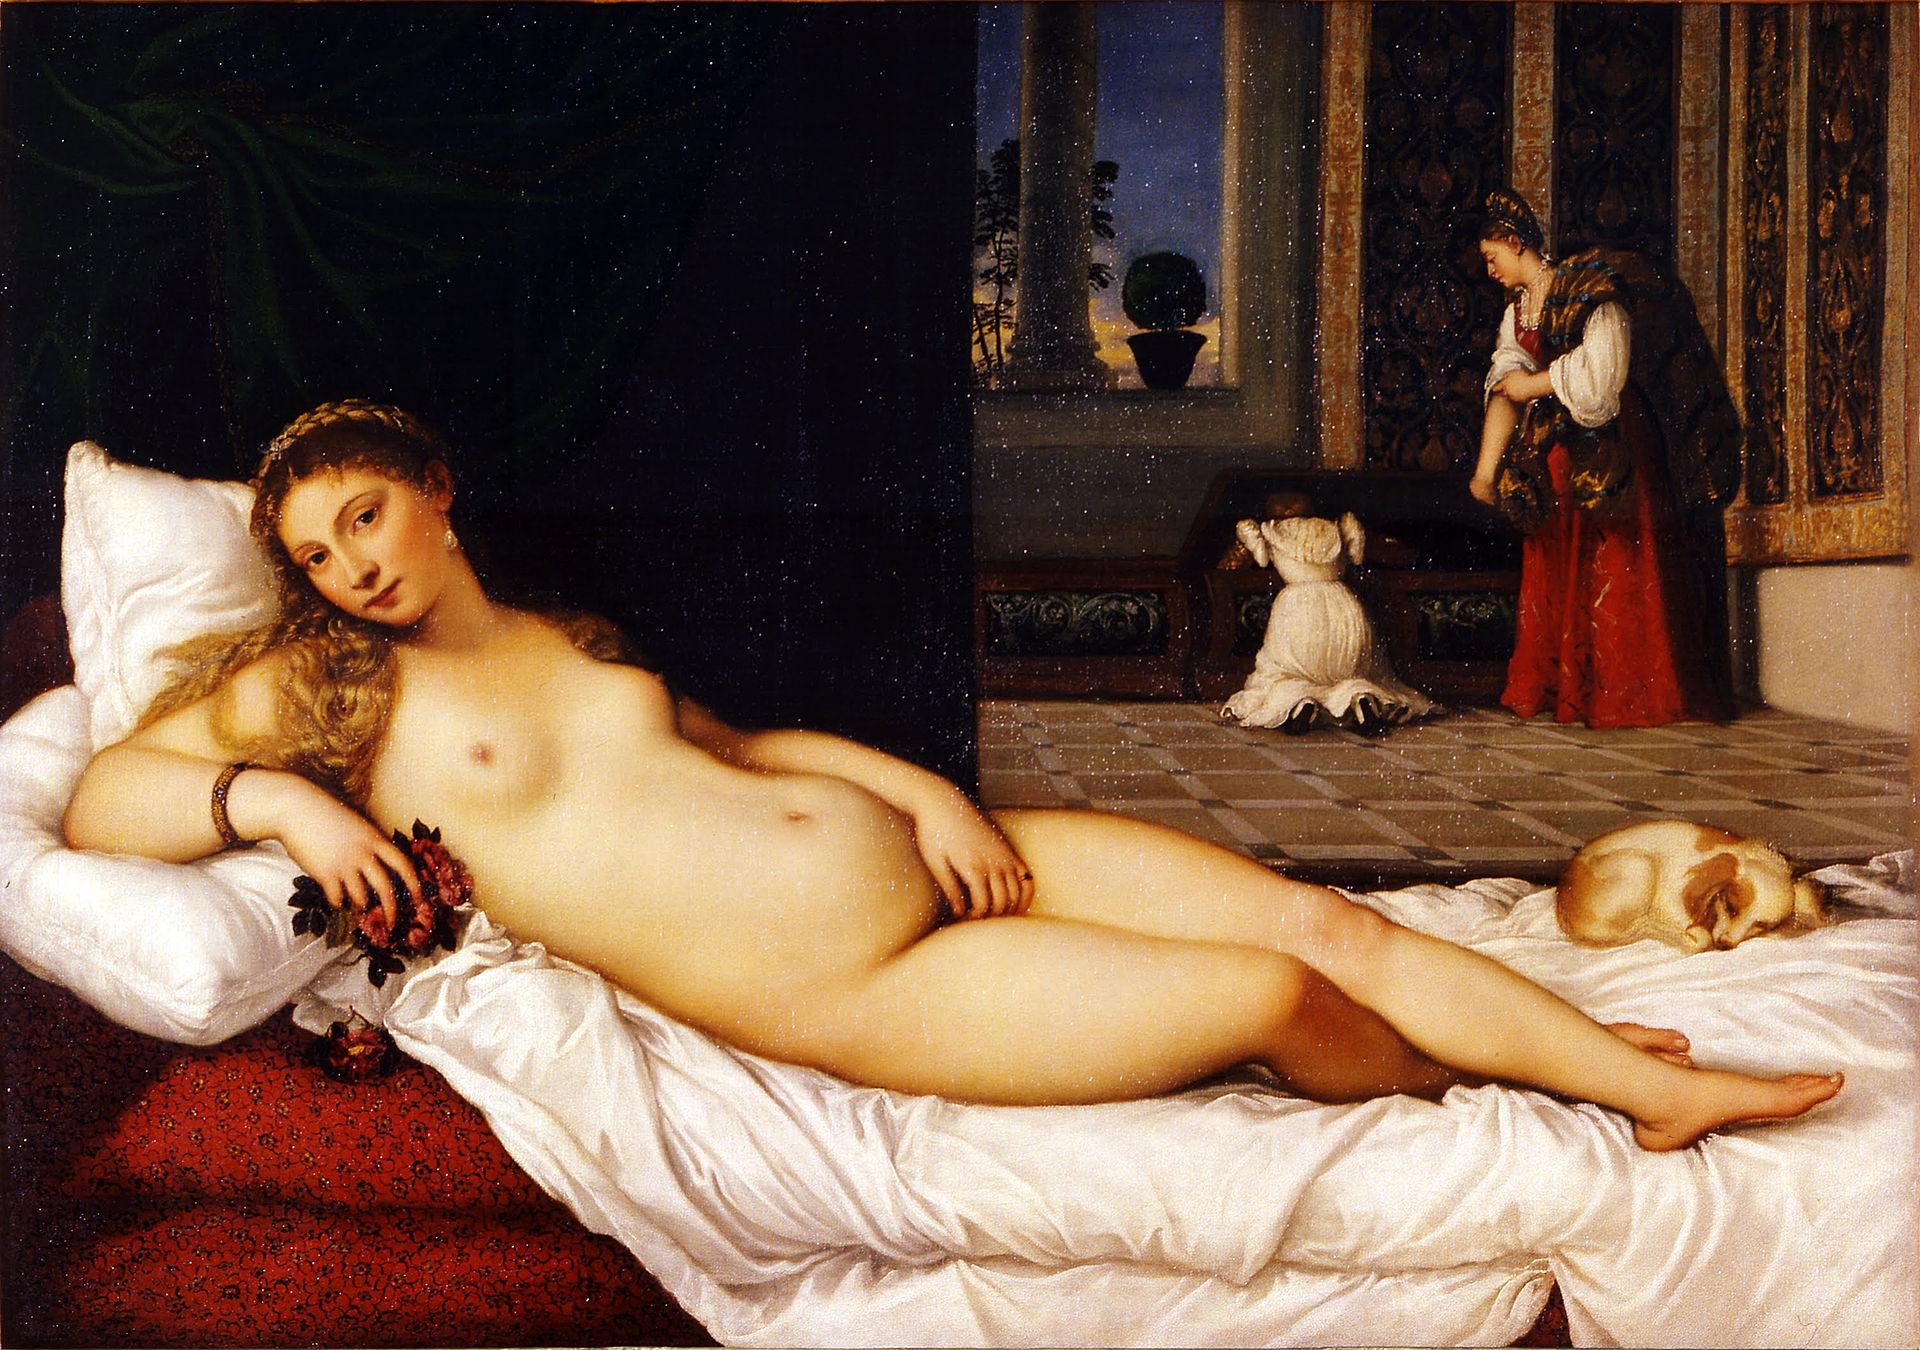 La Venus de Urbino es la obra más erótica de Tiziano